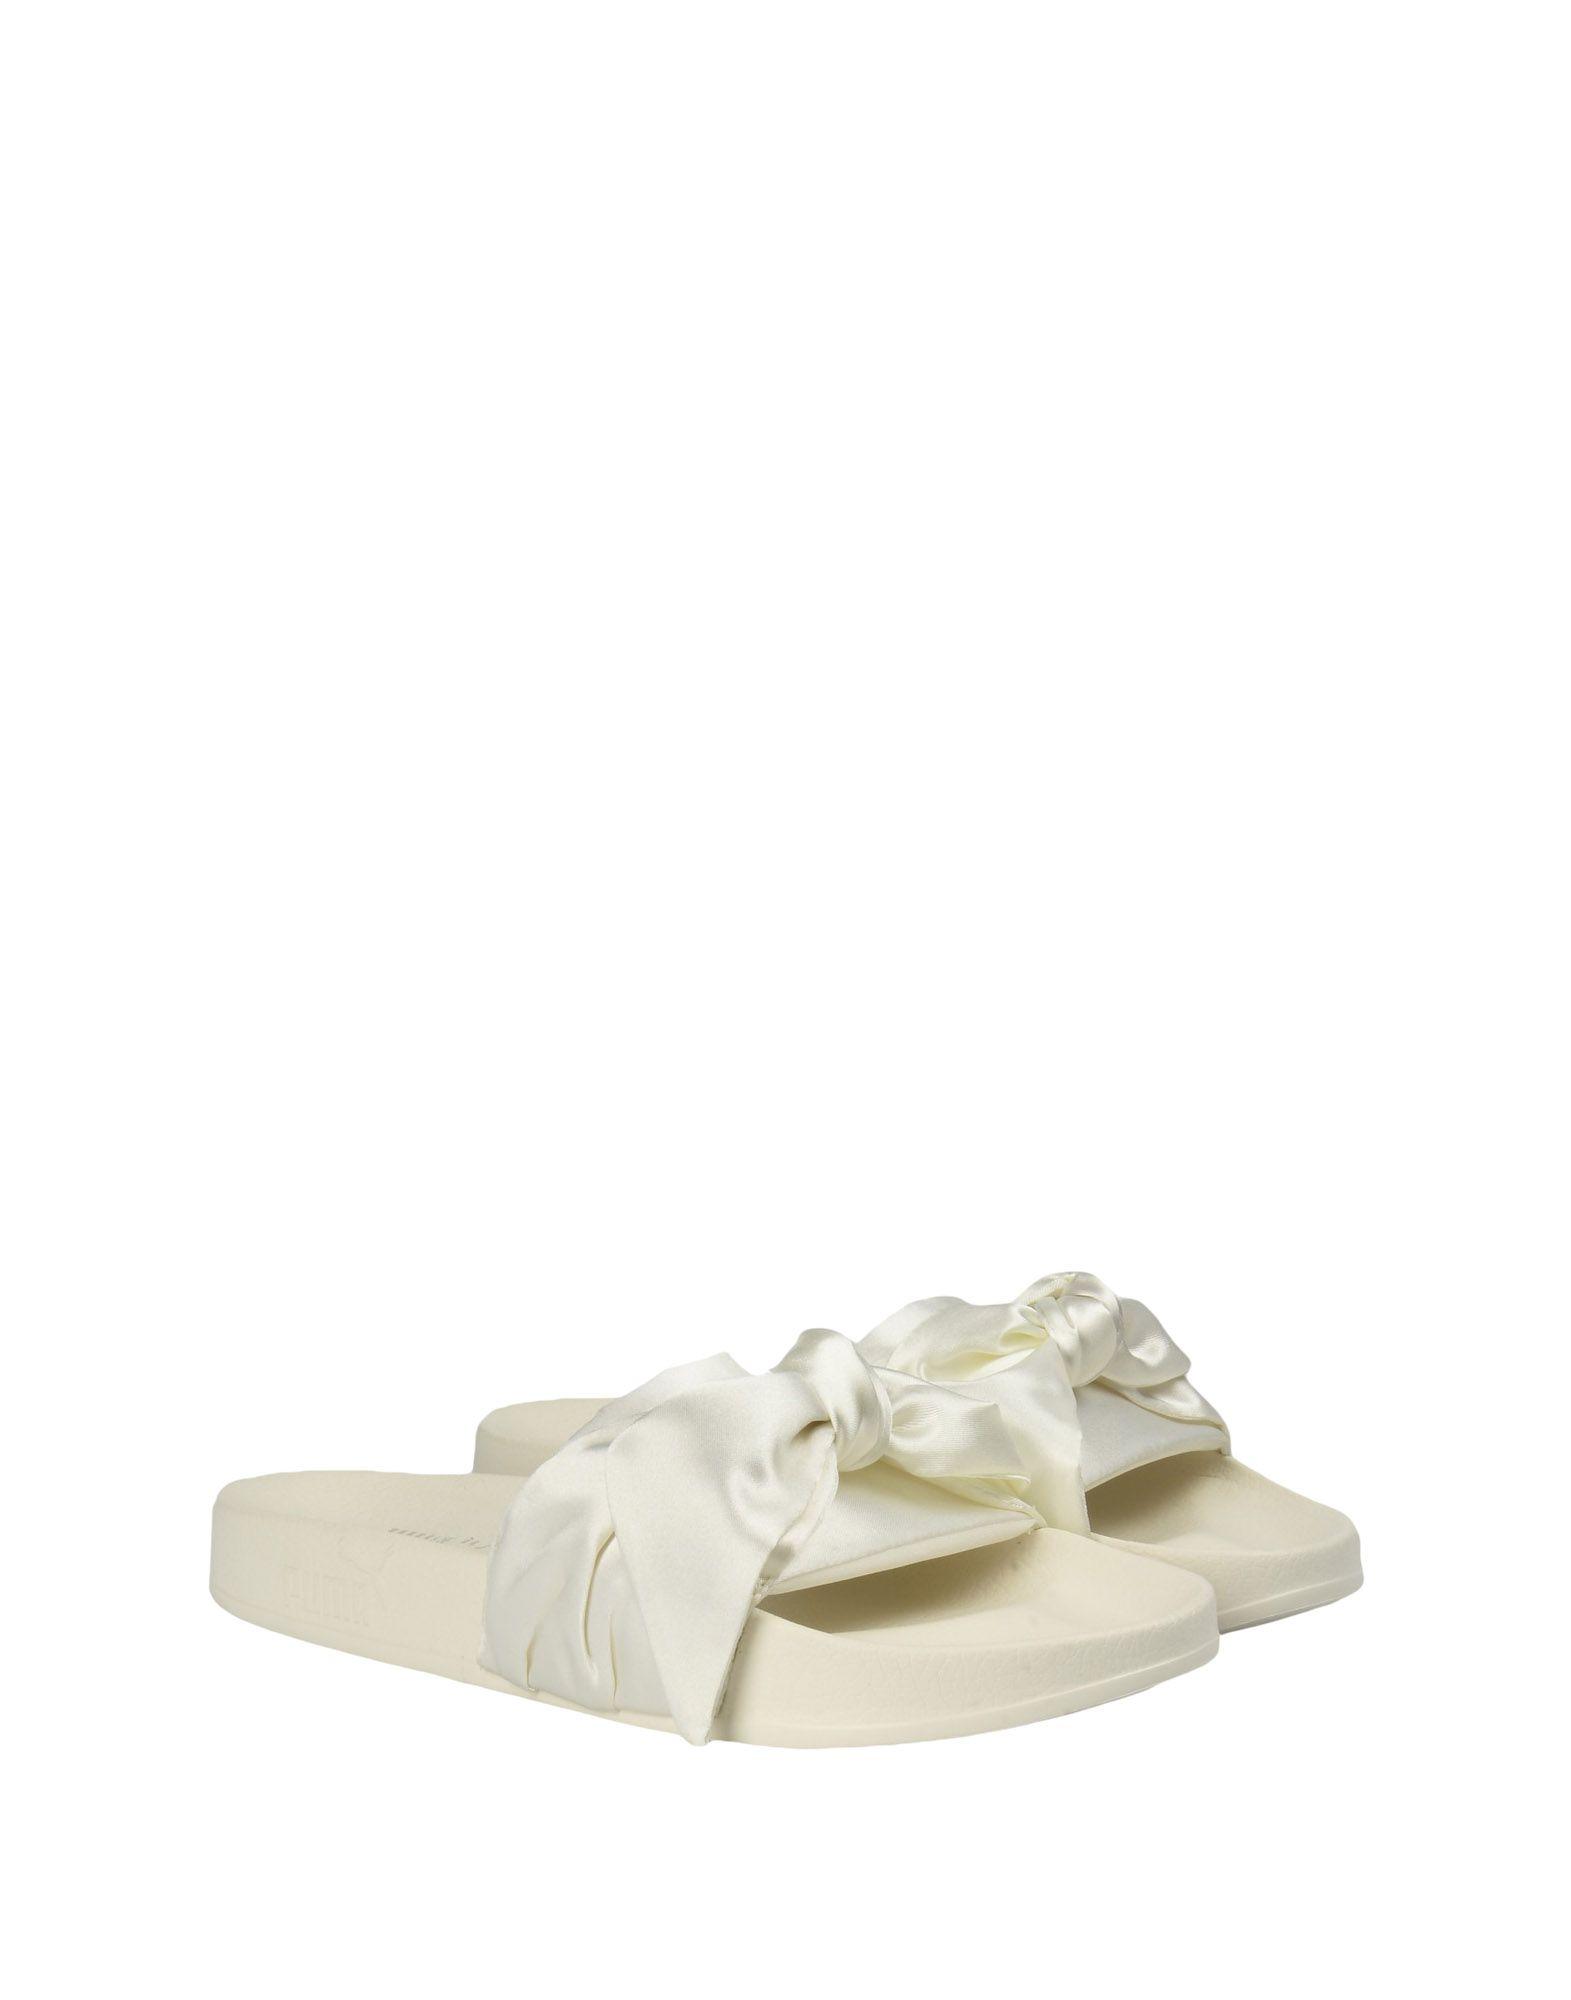 Fenty Puma By Rihanna Bandana Slide  11243763RP Gute Qualität Schuhe beliebte Schuhe Qualität 67ed37